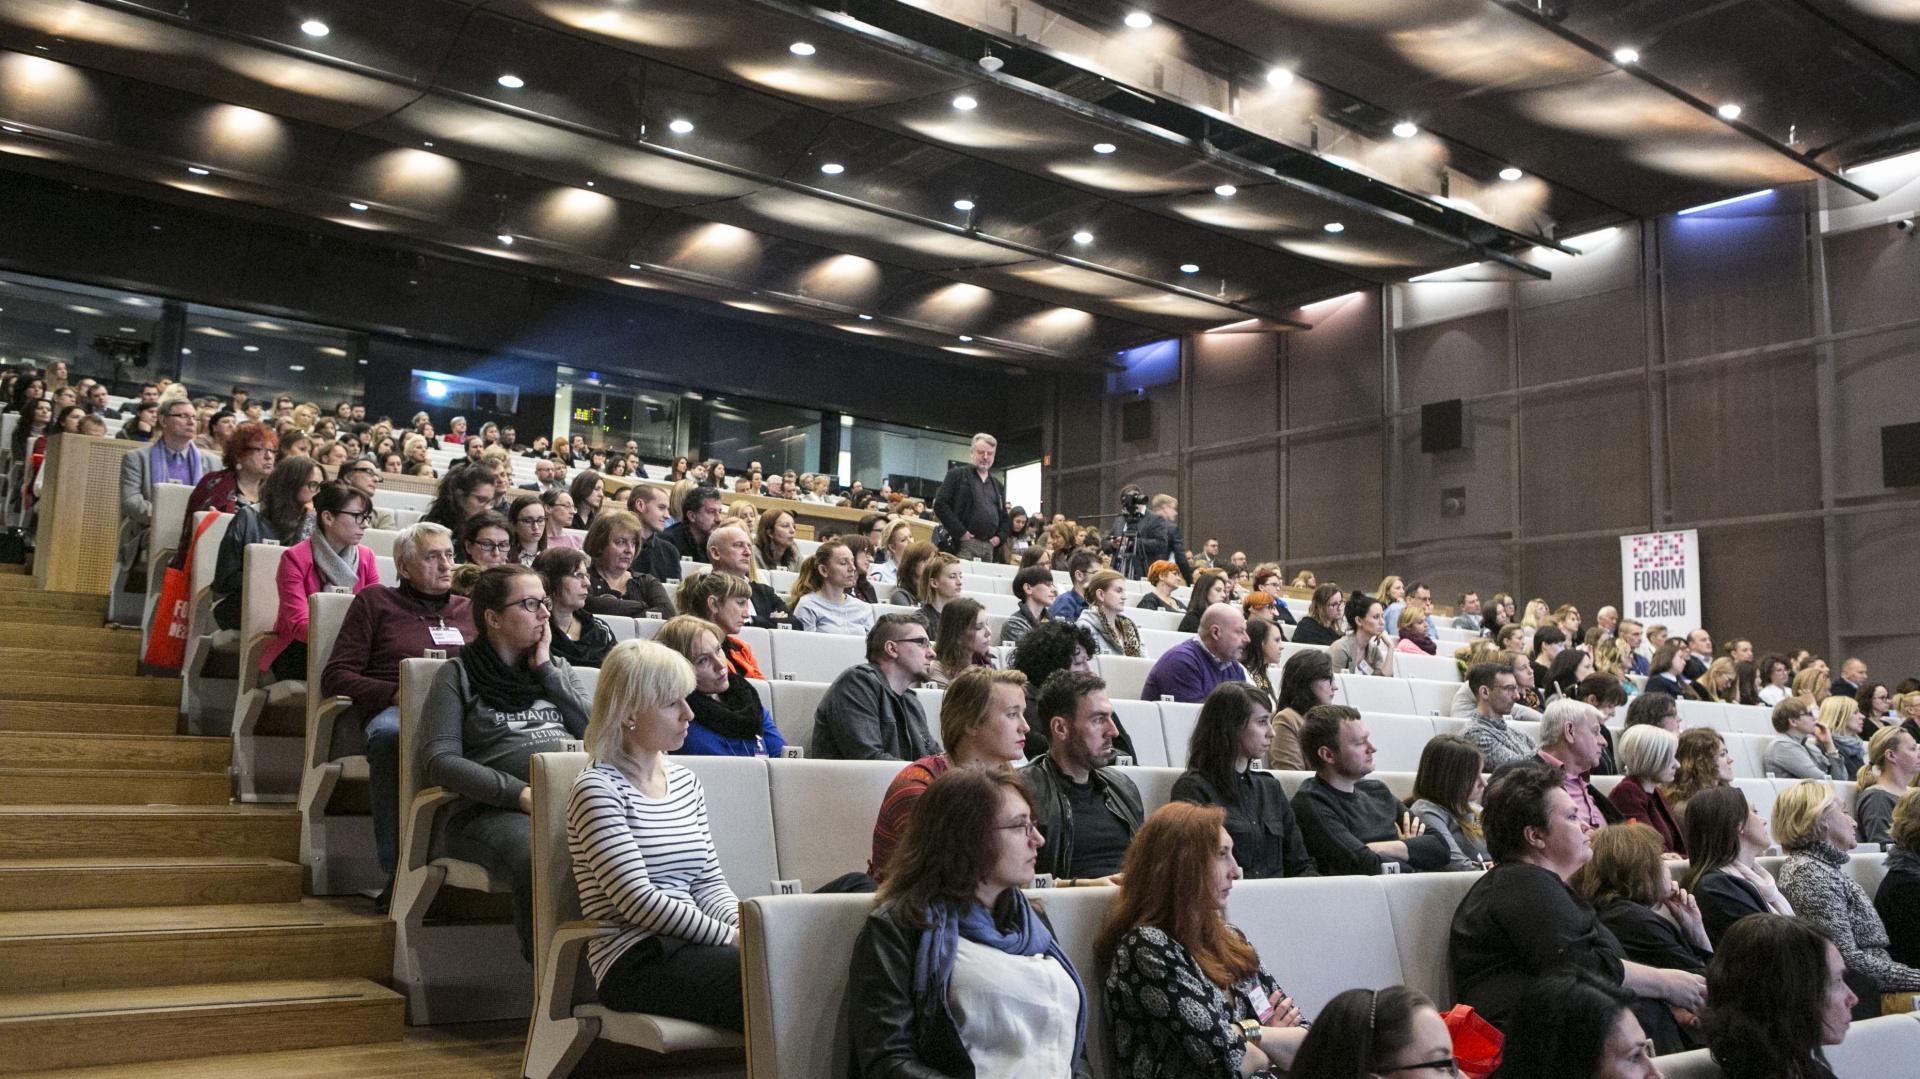 Ponad 700 gości, 40 panelistów, 5 sesji tematycznych, tak można podsumować II edycję Forum Dobrego Designu, która odbyła się 10 grudnia br. Organizotorami tego wydarzenia był magazyn wnętrzarski Dobrze Mieszkaj oraz portal dobrzemieszkaj.pl. Fot Bartosz Jarosz